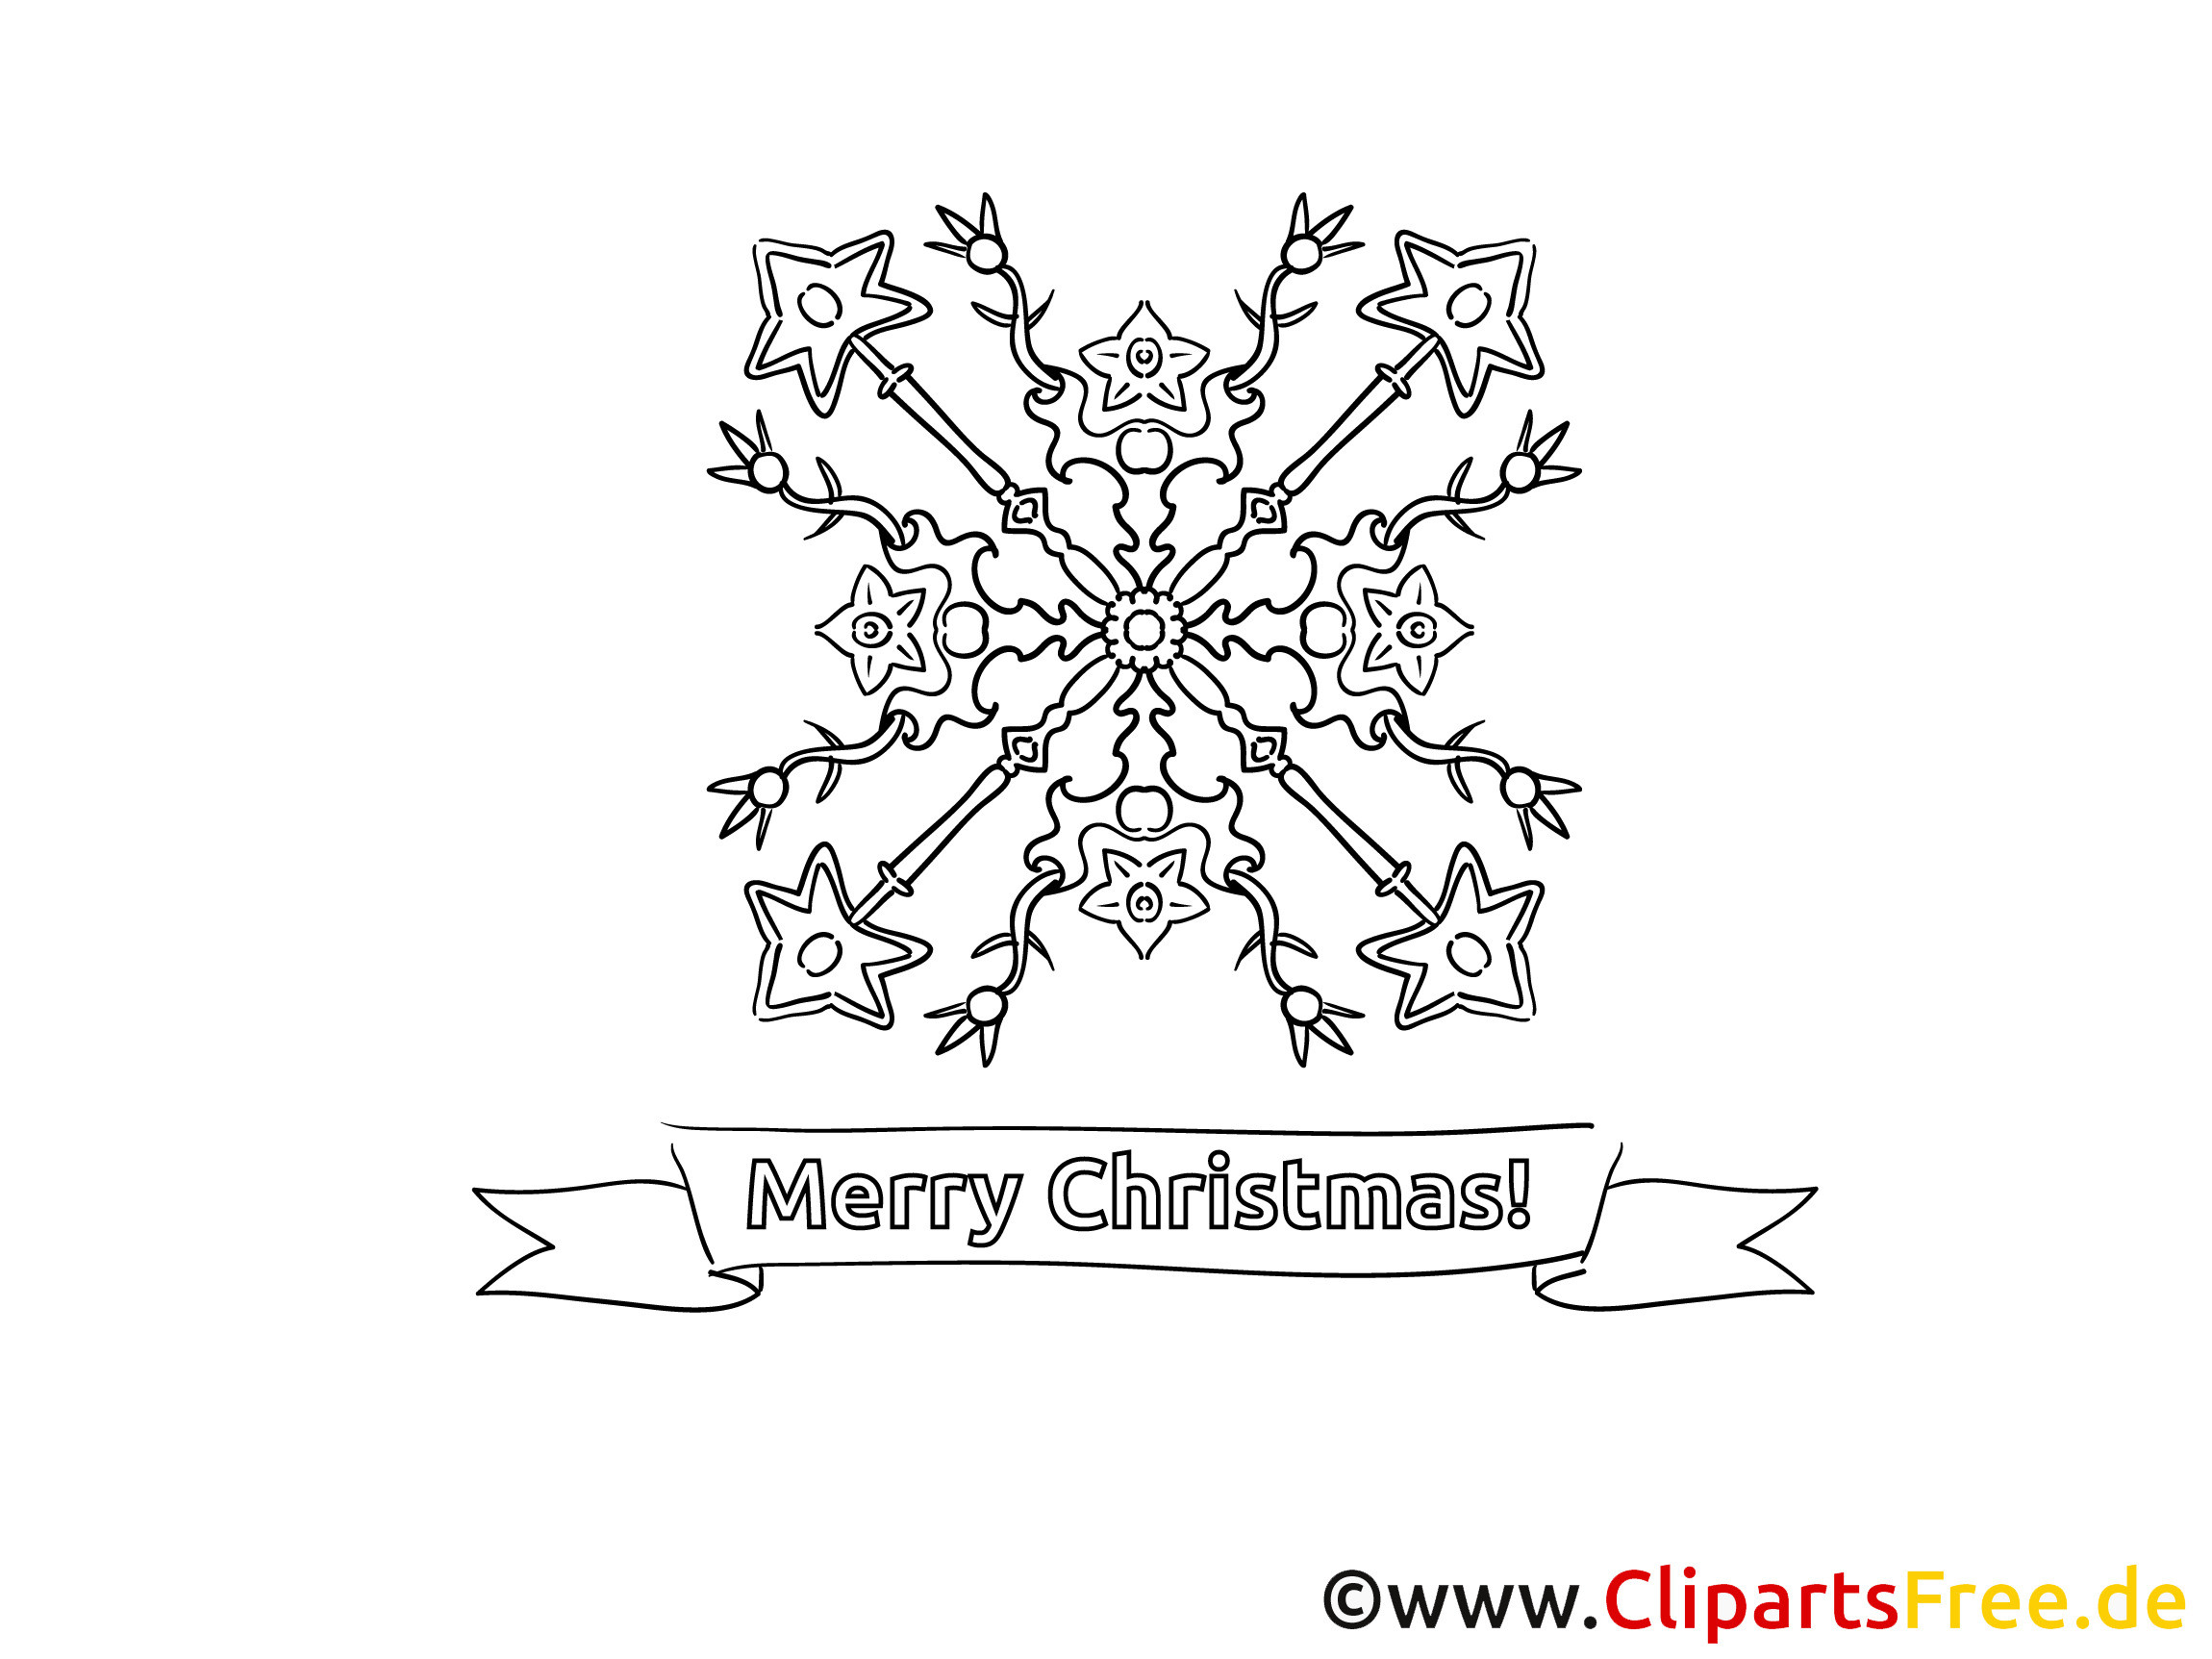 Ausmalbilder Weihnachten Schneeflocke Das Beste Von Schneeflocke Bild Mal Vorlage Kostenlos Inspirierend Weihnachten Bild